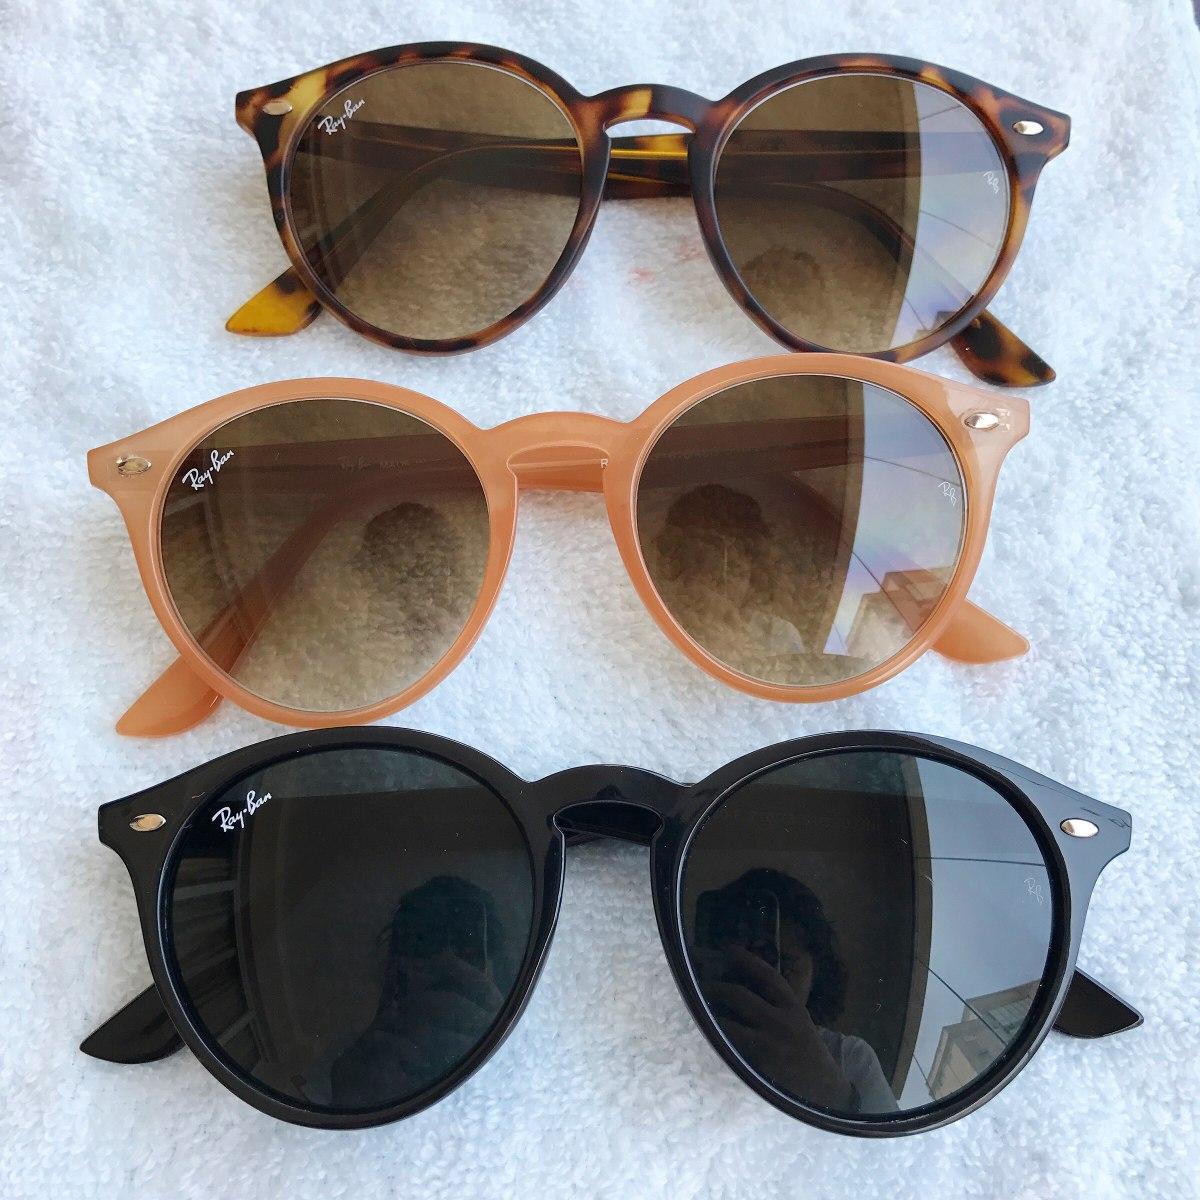 9e0c77b43f7d3 Óculos De Sol Round Highstreet Rb2180 Várias Cores - R  189